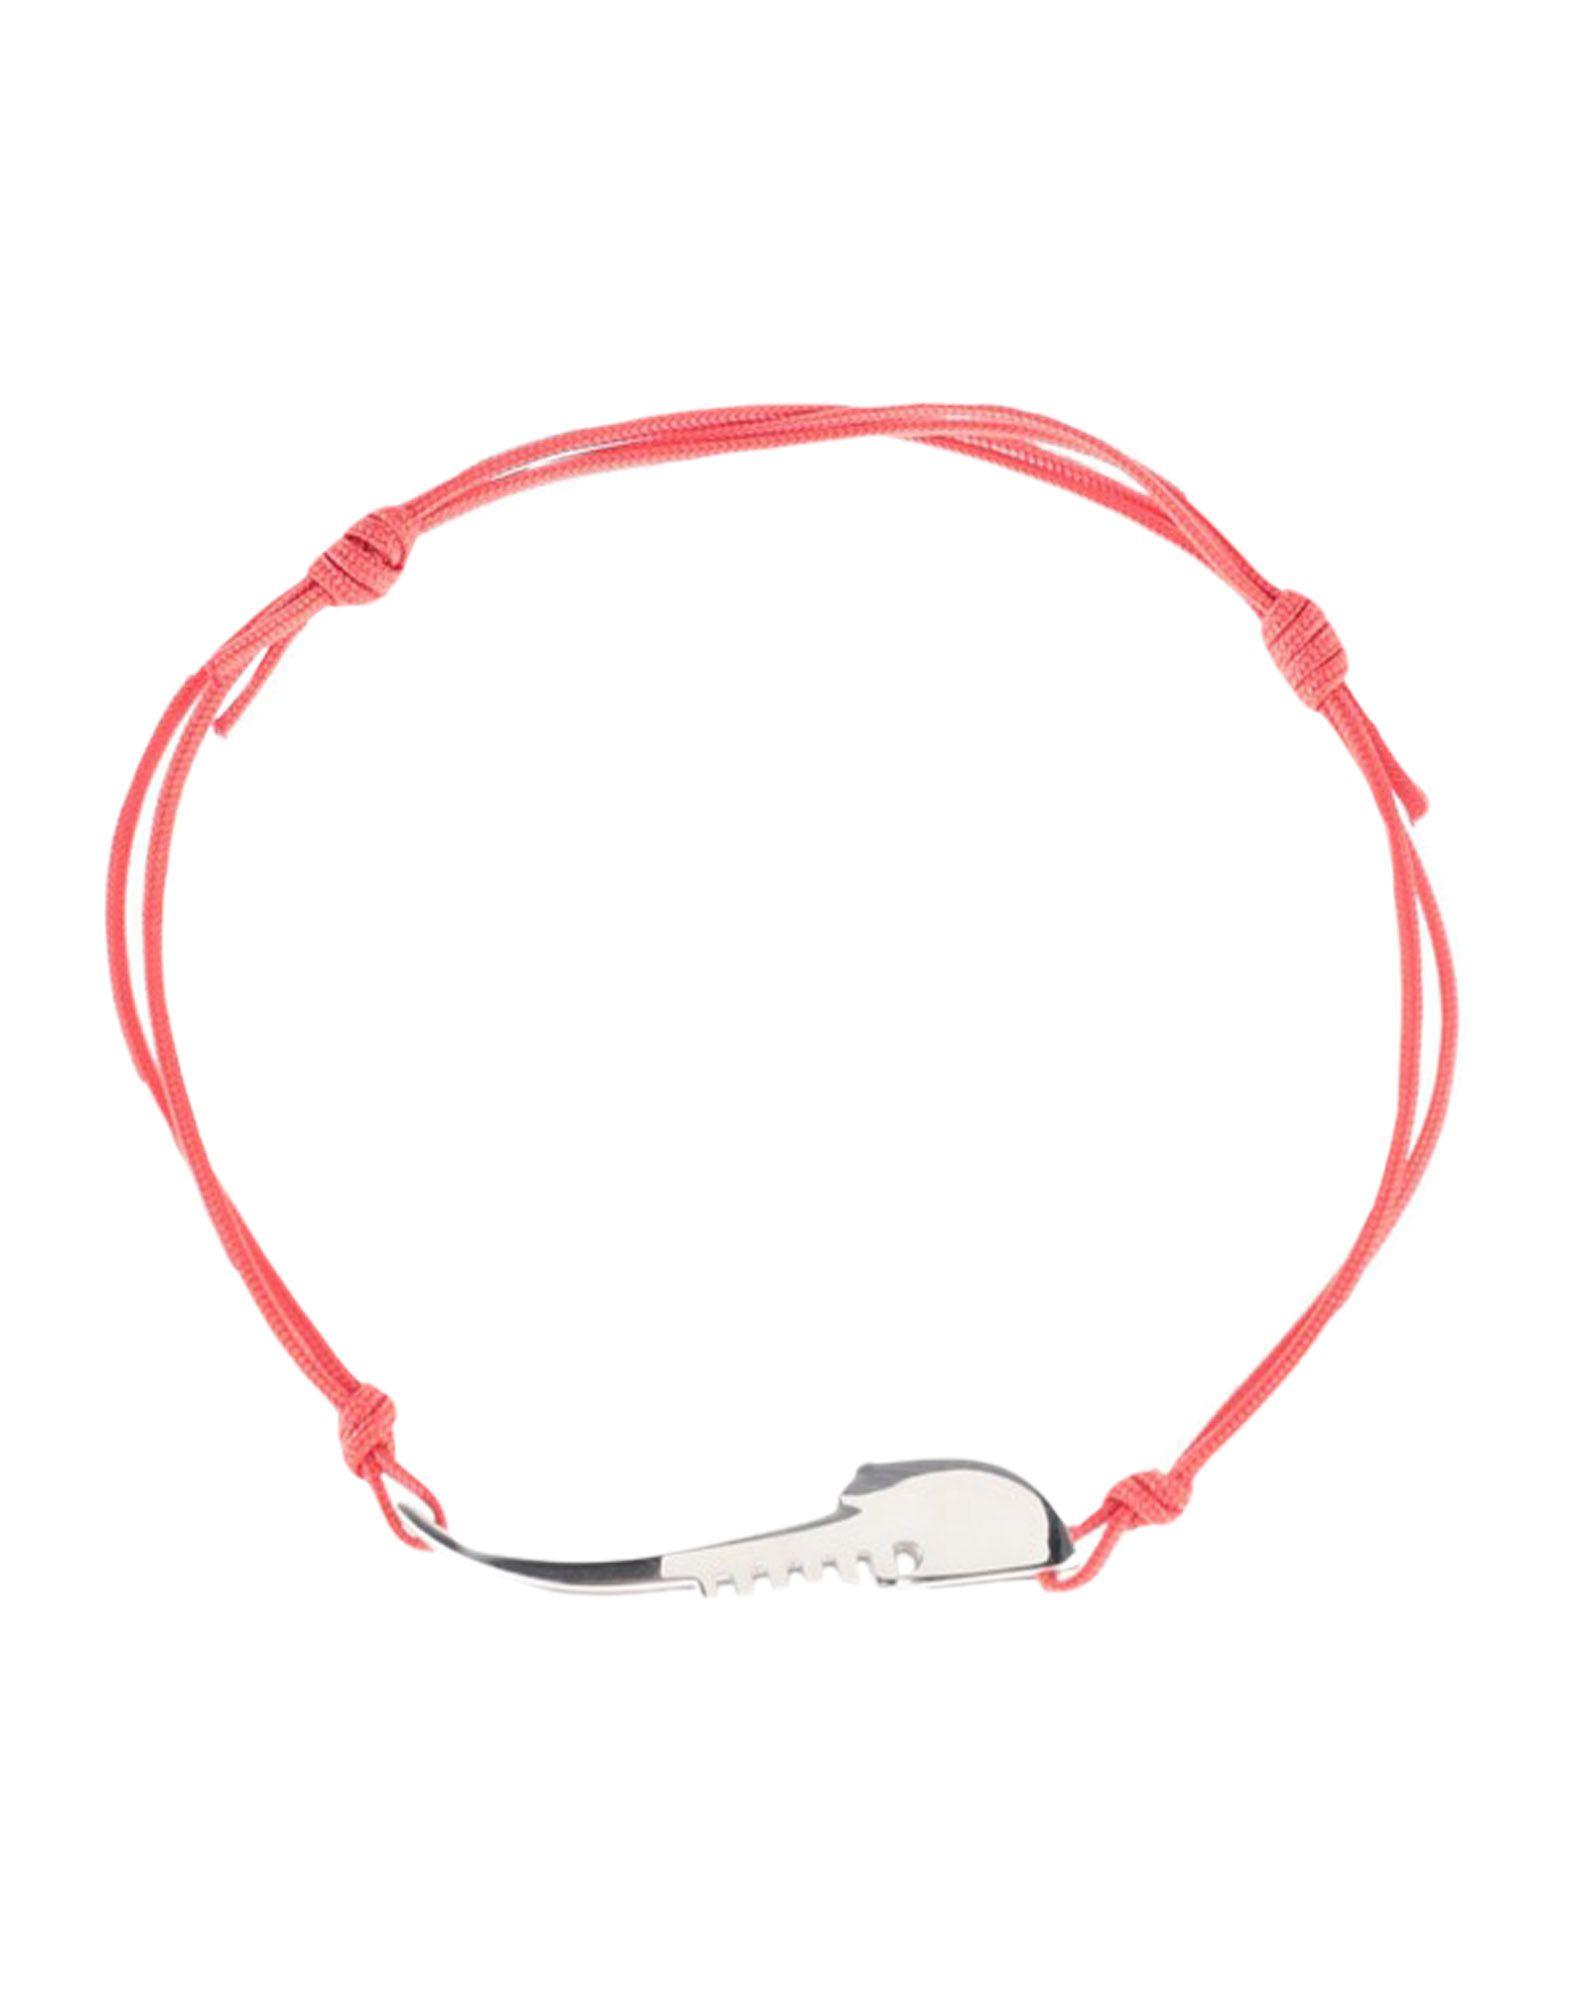 《セール開催中》FRANCESCO PAVAN レディース ブレスレット レッド 紡績繊維 / シルバー925/1000